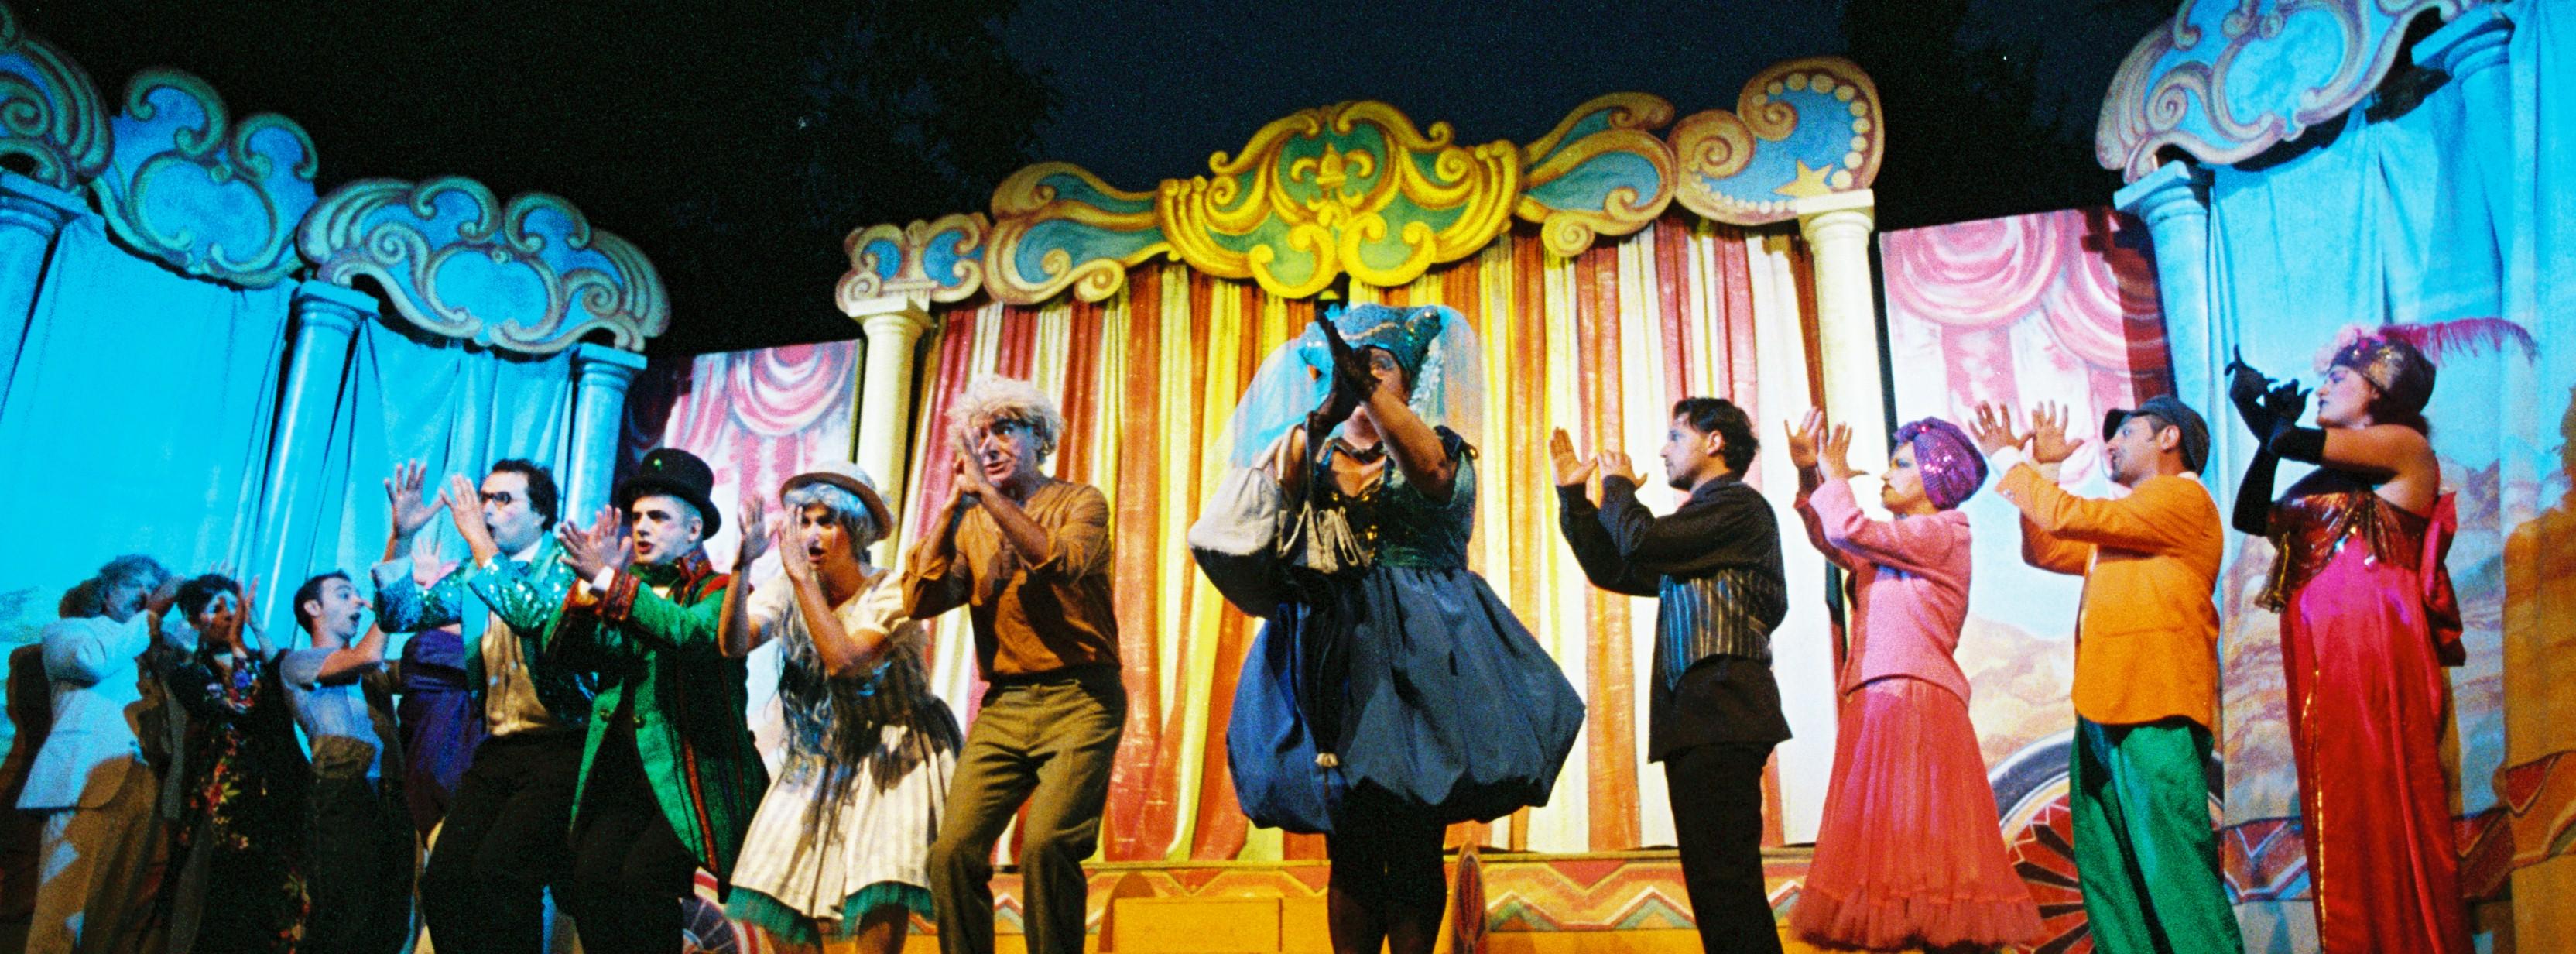 1995 - uno spettacolo pluripremiato: Non per caso a Pinocchio cresce il naso